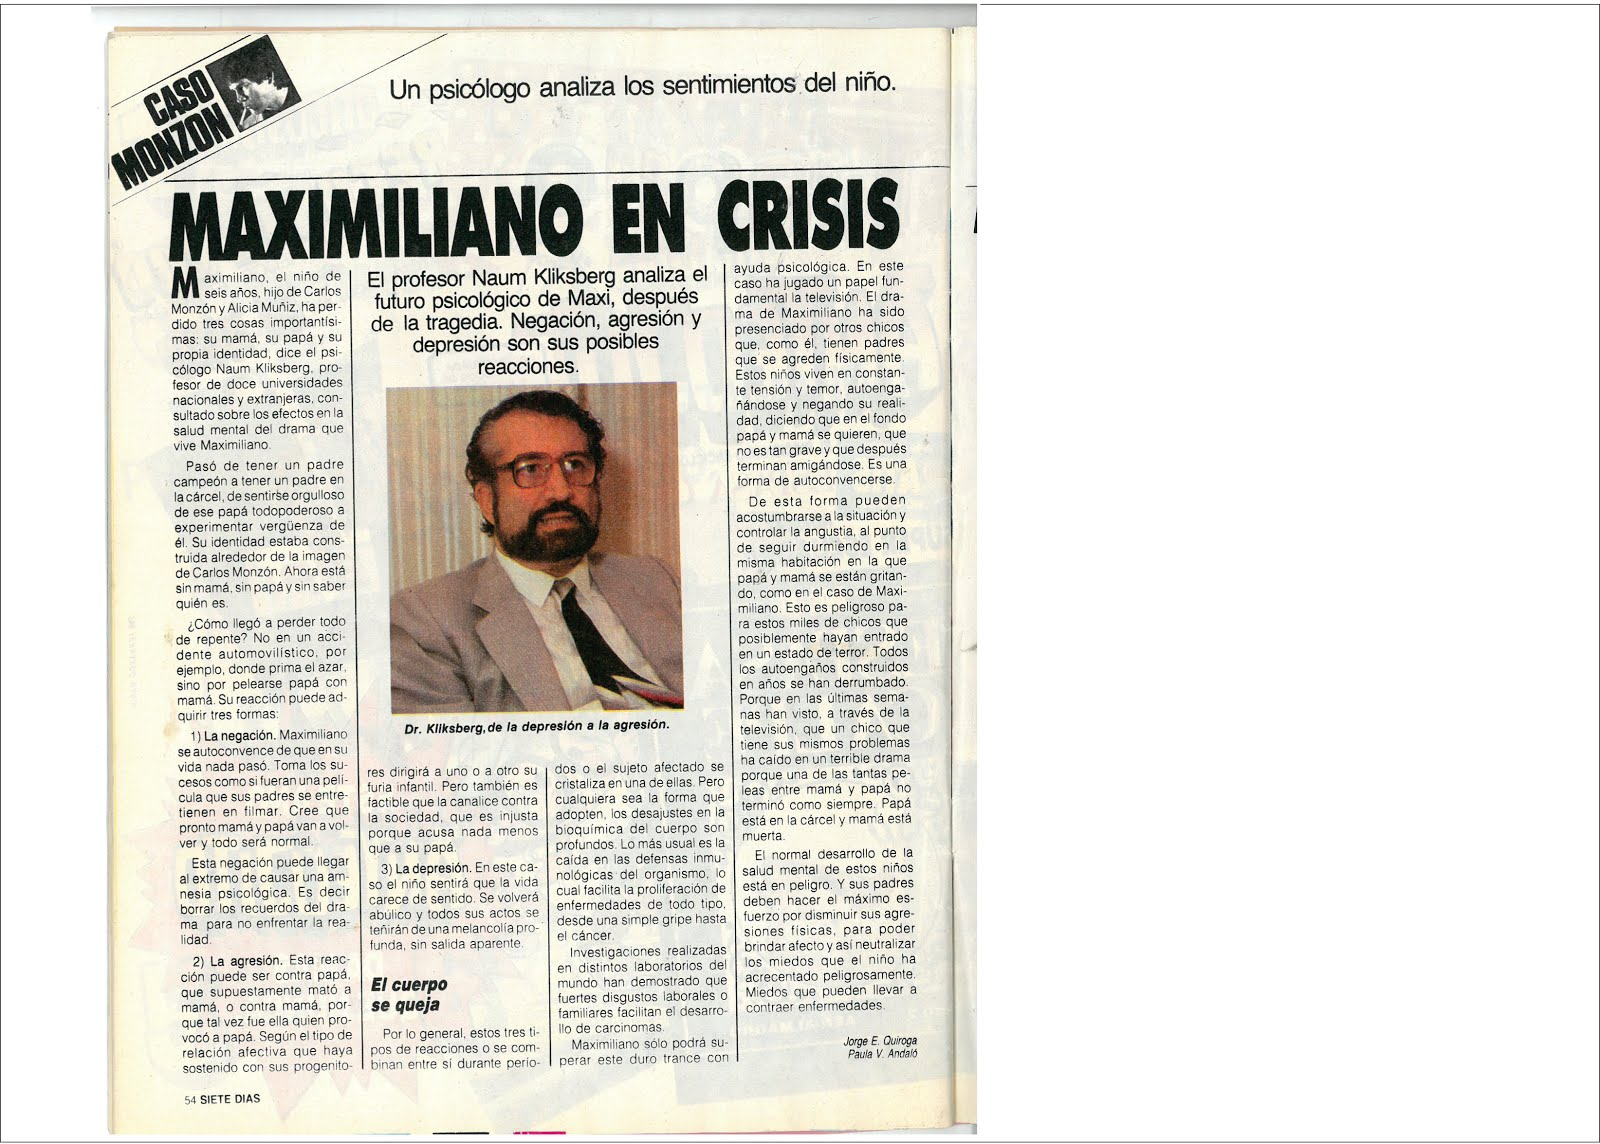 58 - Revista 7 Días, Argentina, 24/03/1988